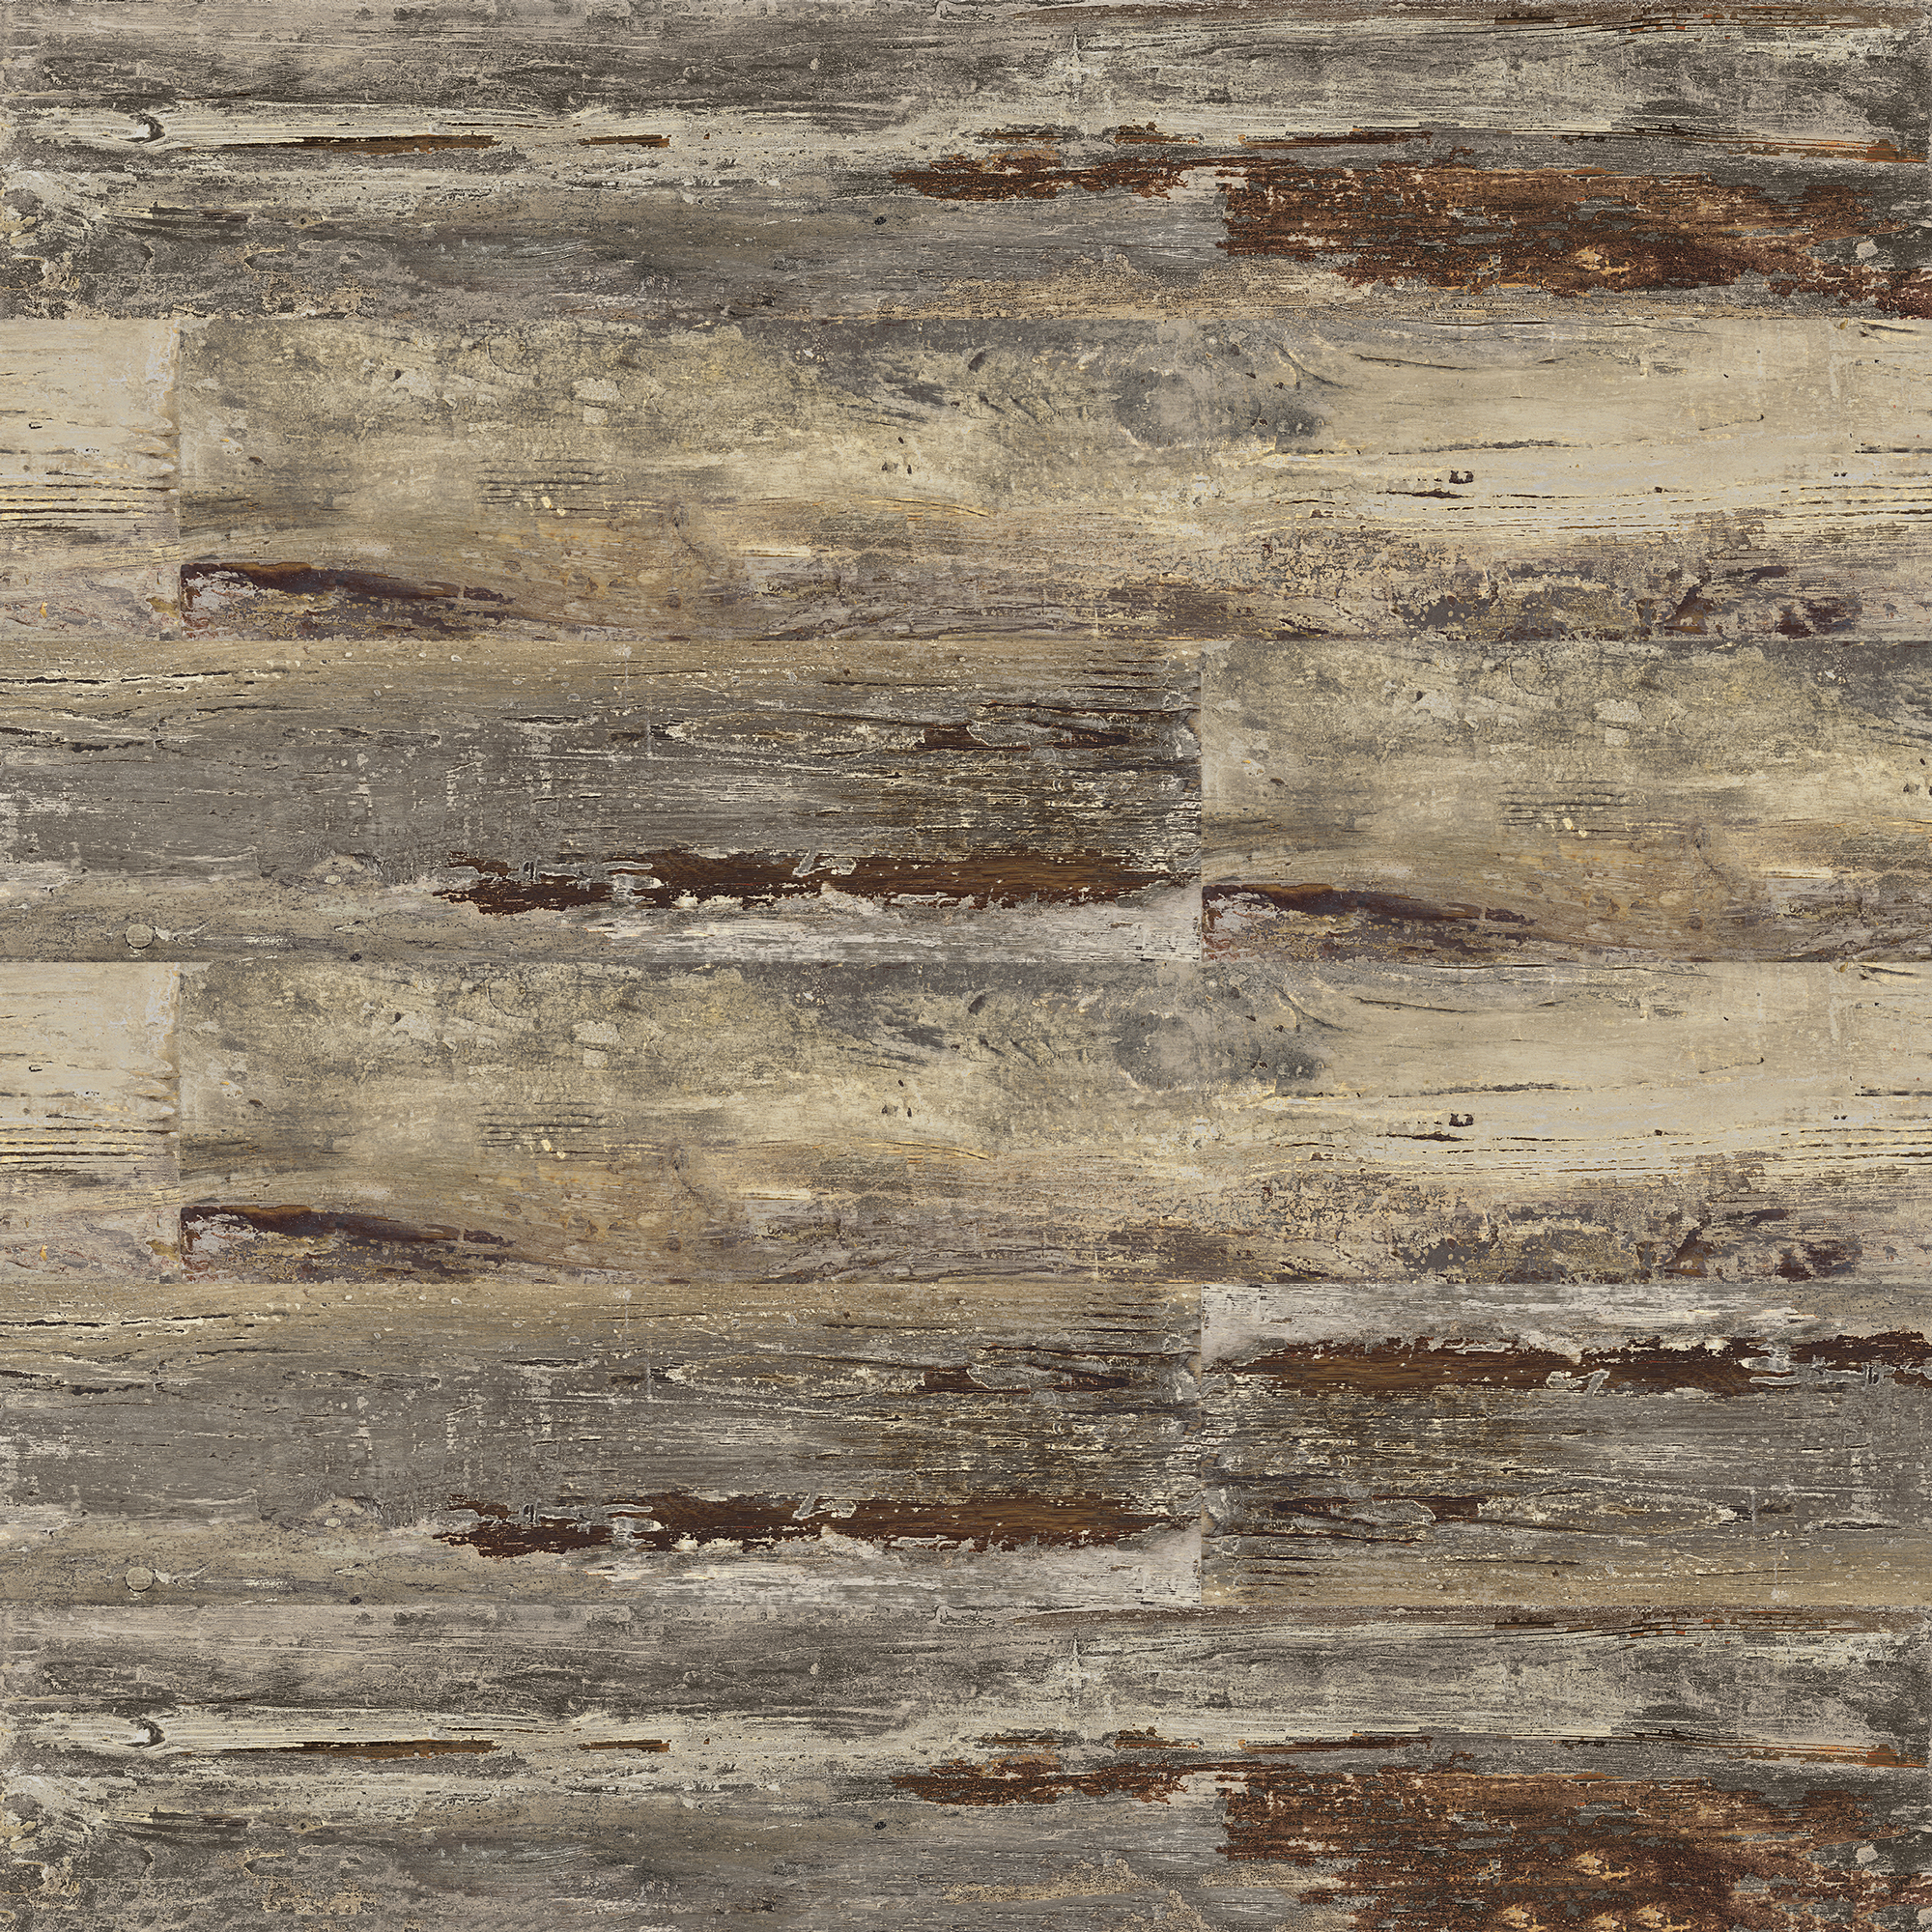 mamawood old teak 8 x48 glazed porcelain tile qdisurfaces. Black Bedroom Furniture Sets. Home Design Ideas